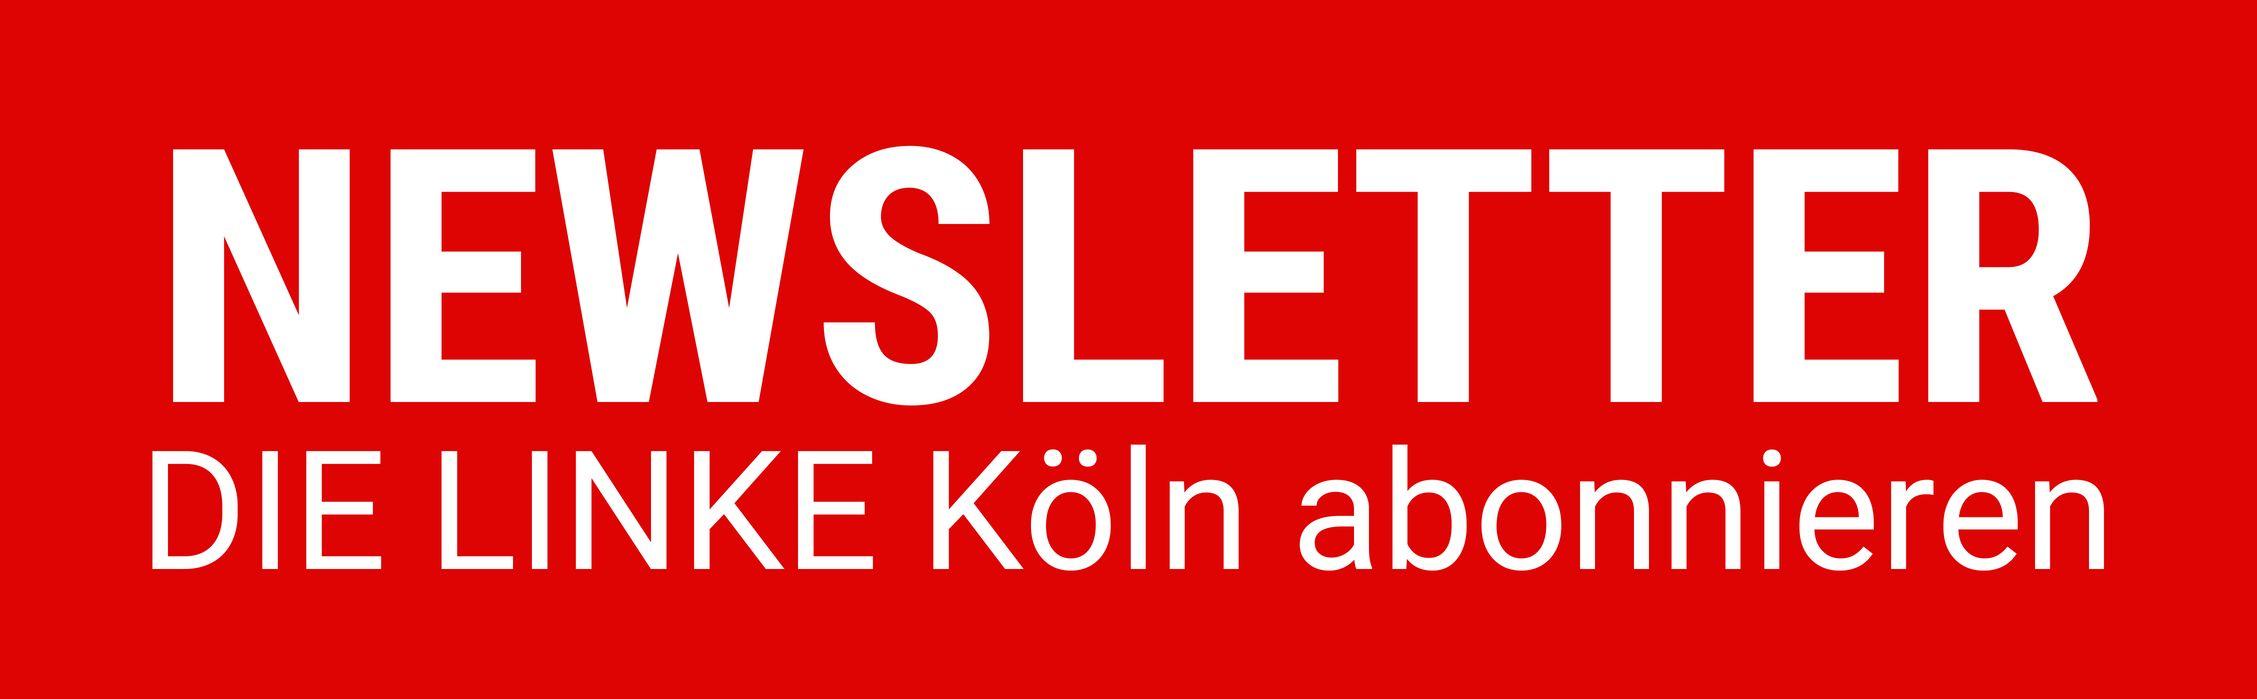 Newsletter DIE LINKE Köln